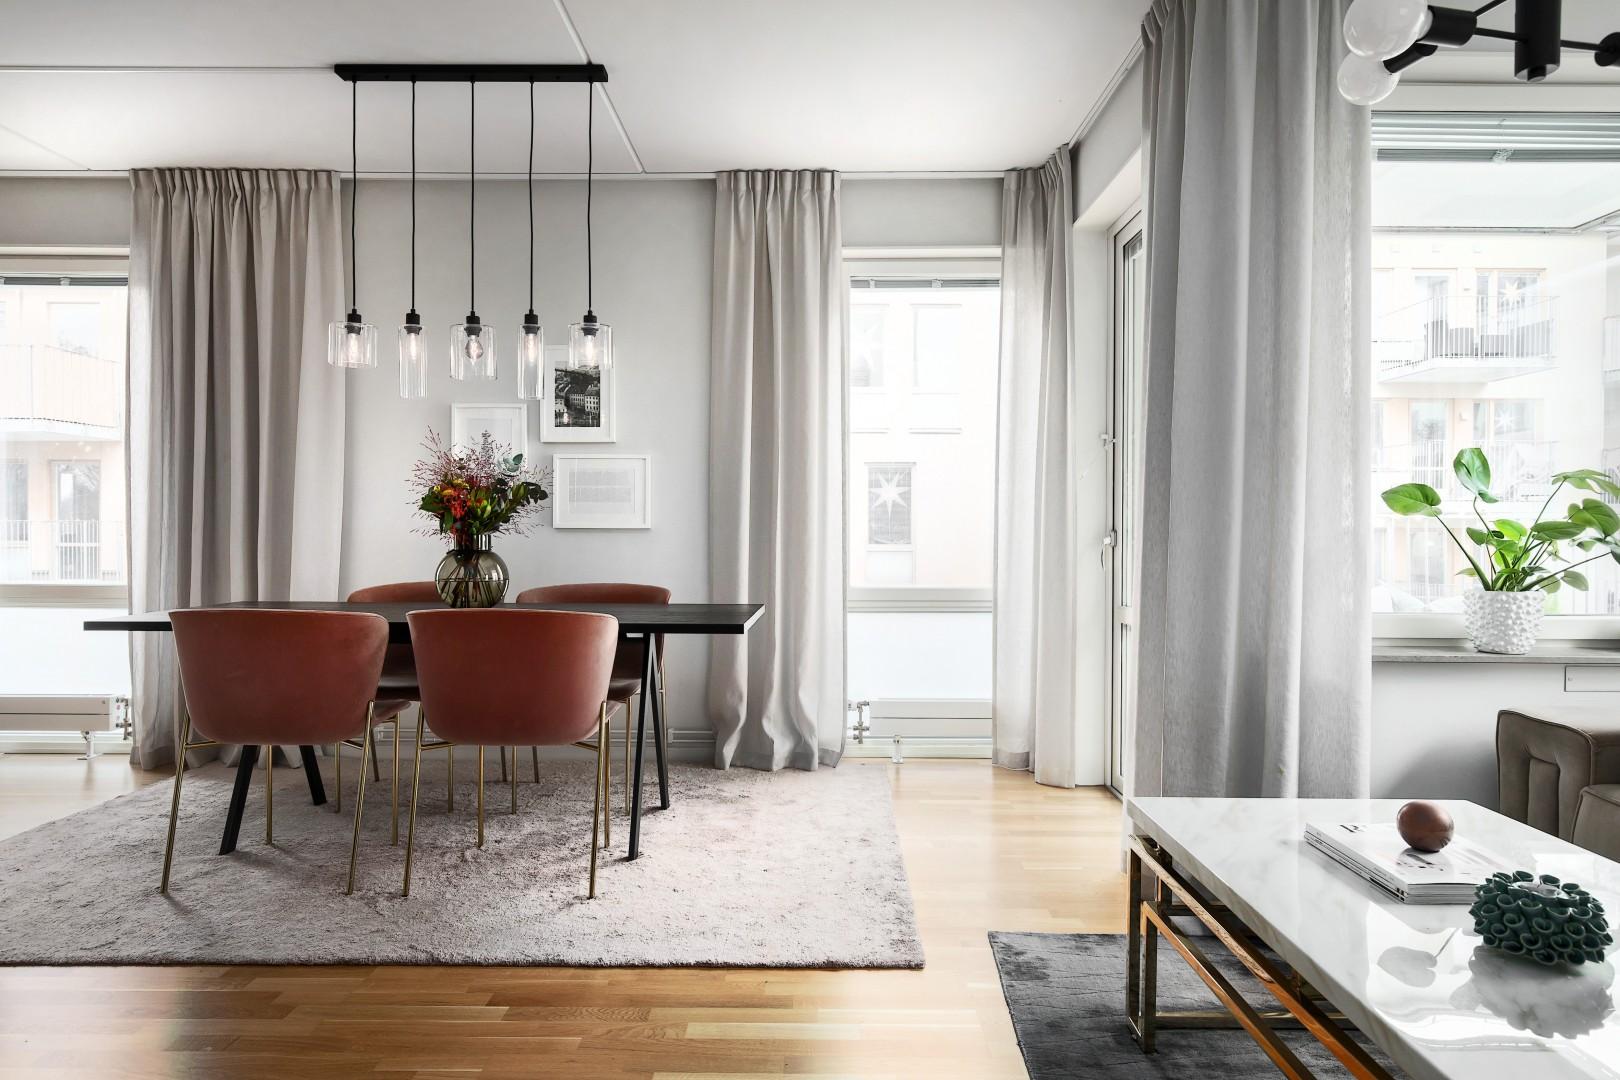 Kika in hemma hos Bianca Ingrosso | Design inredning